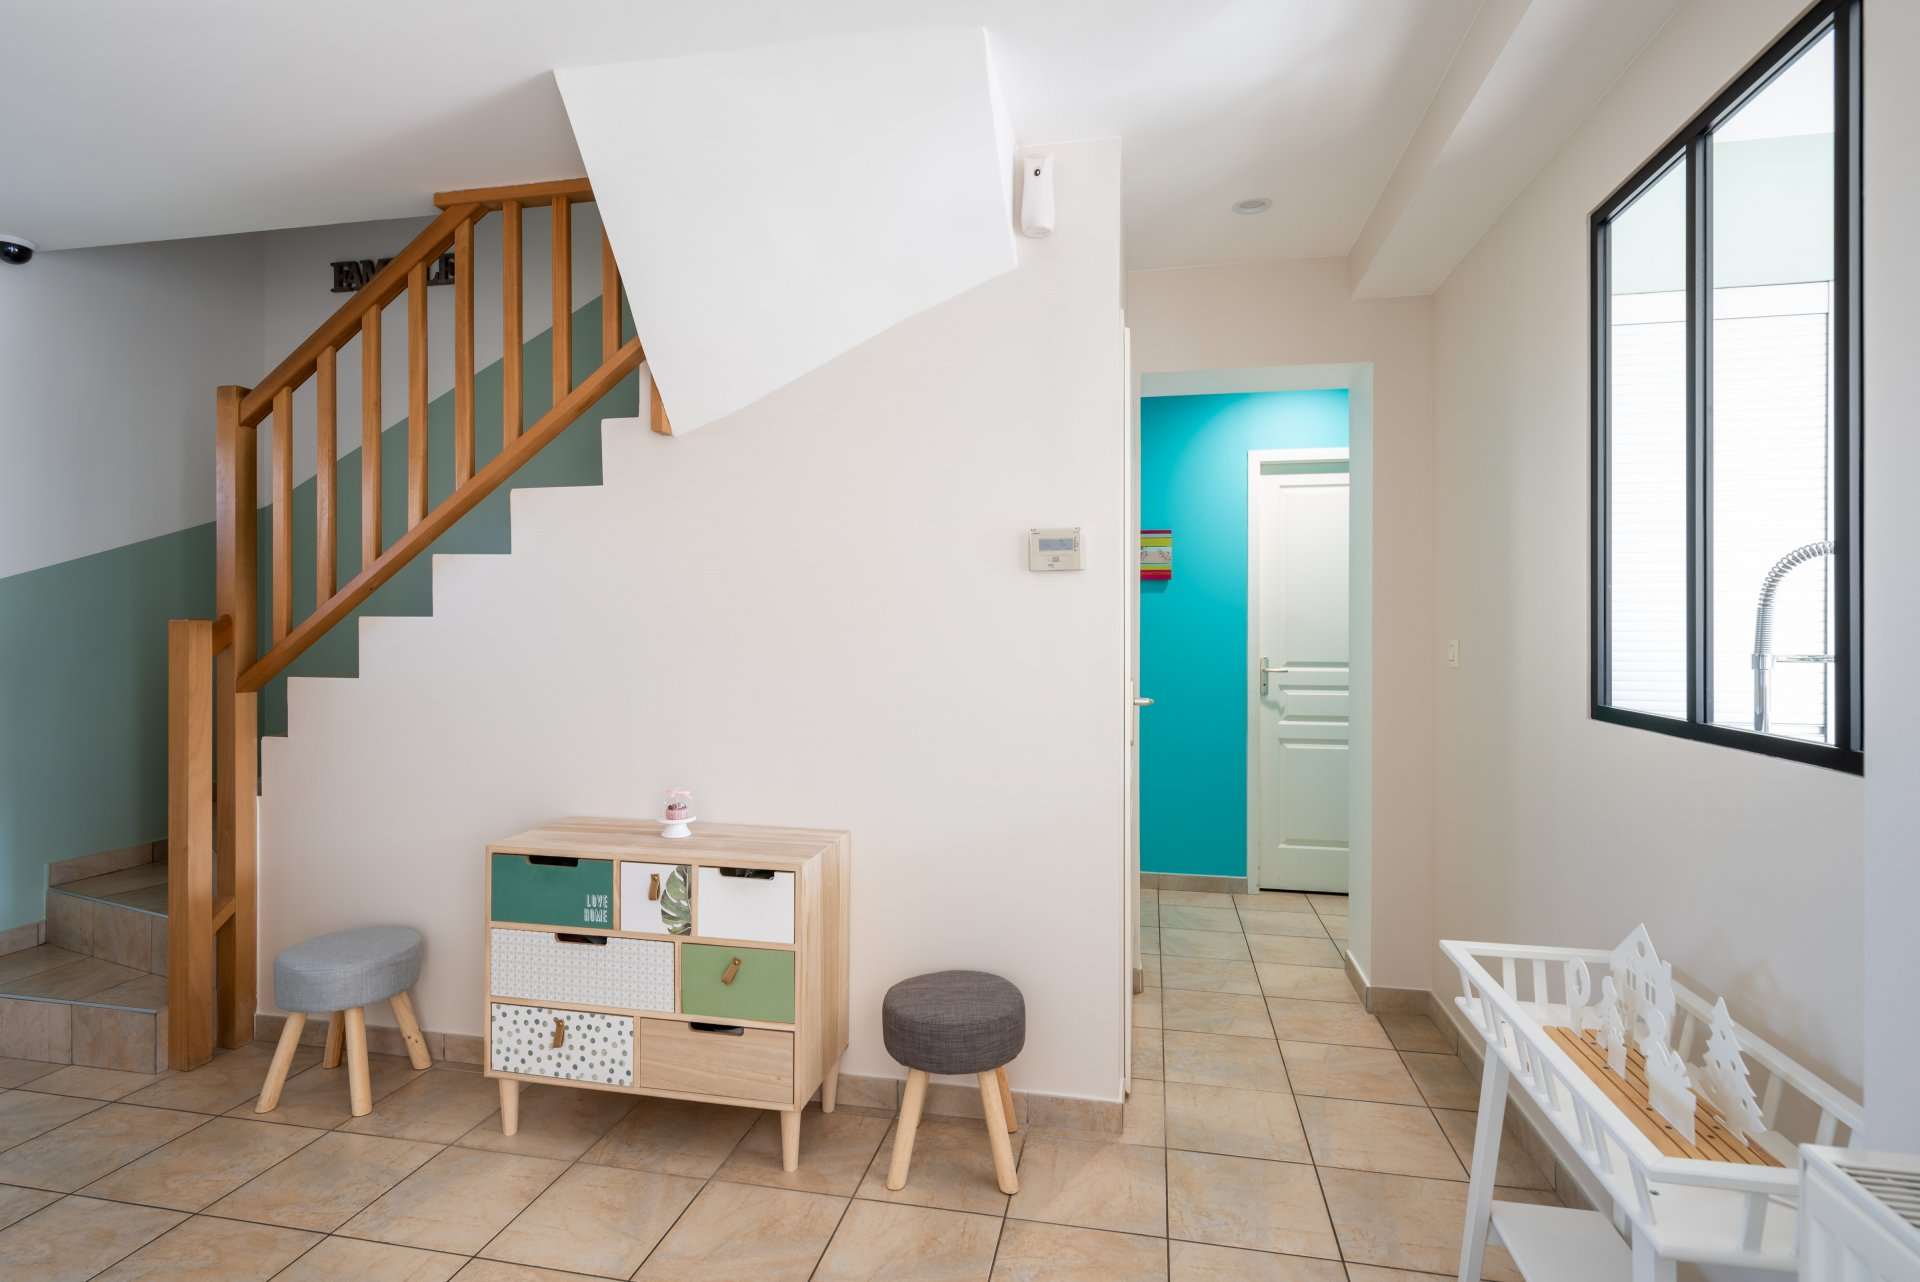 Maison 110 m2 secteur résidentiel